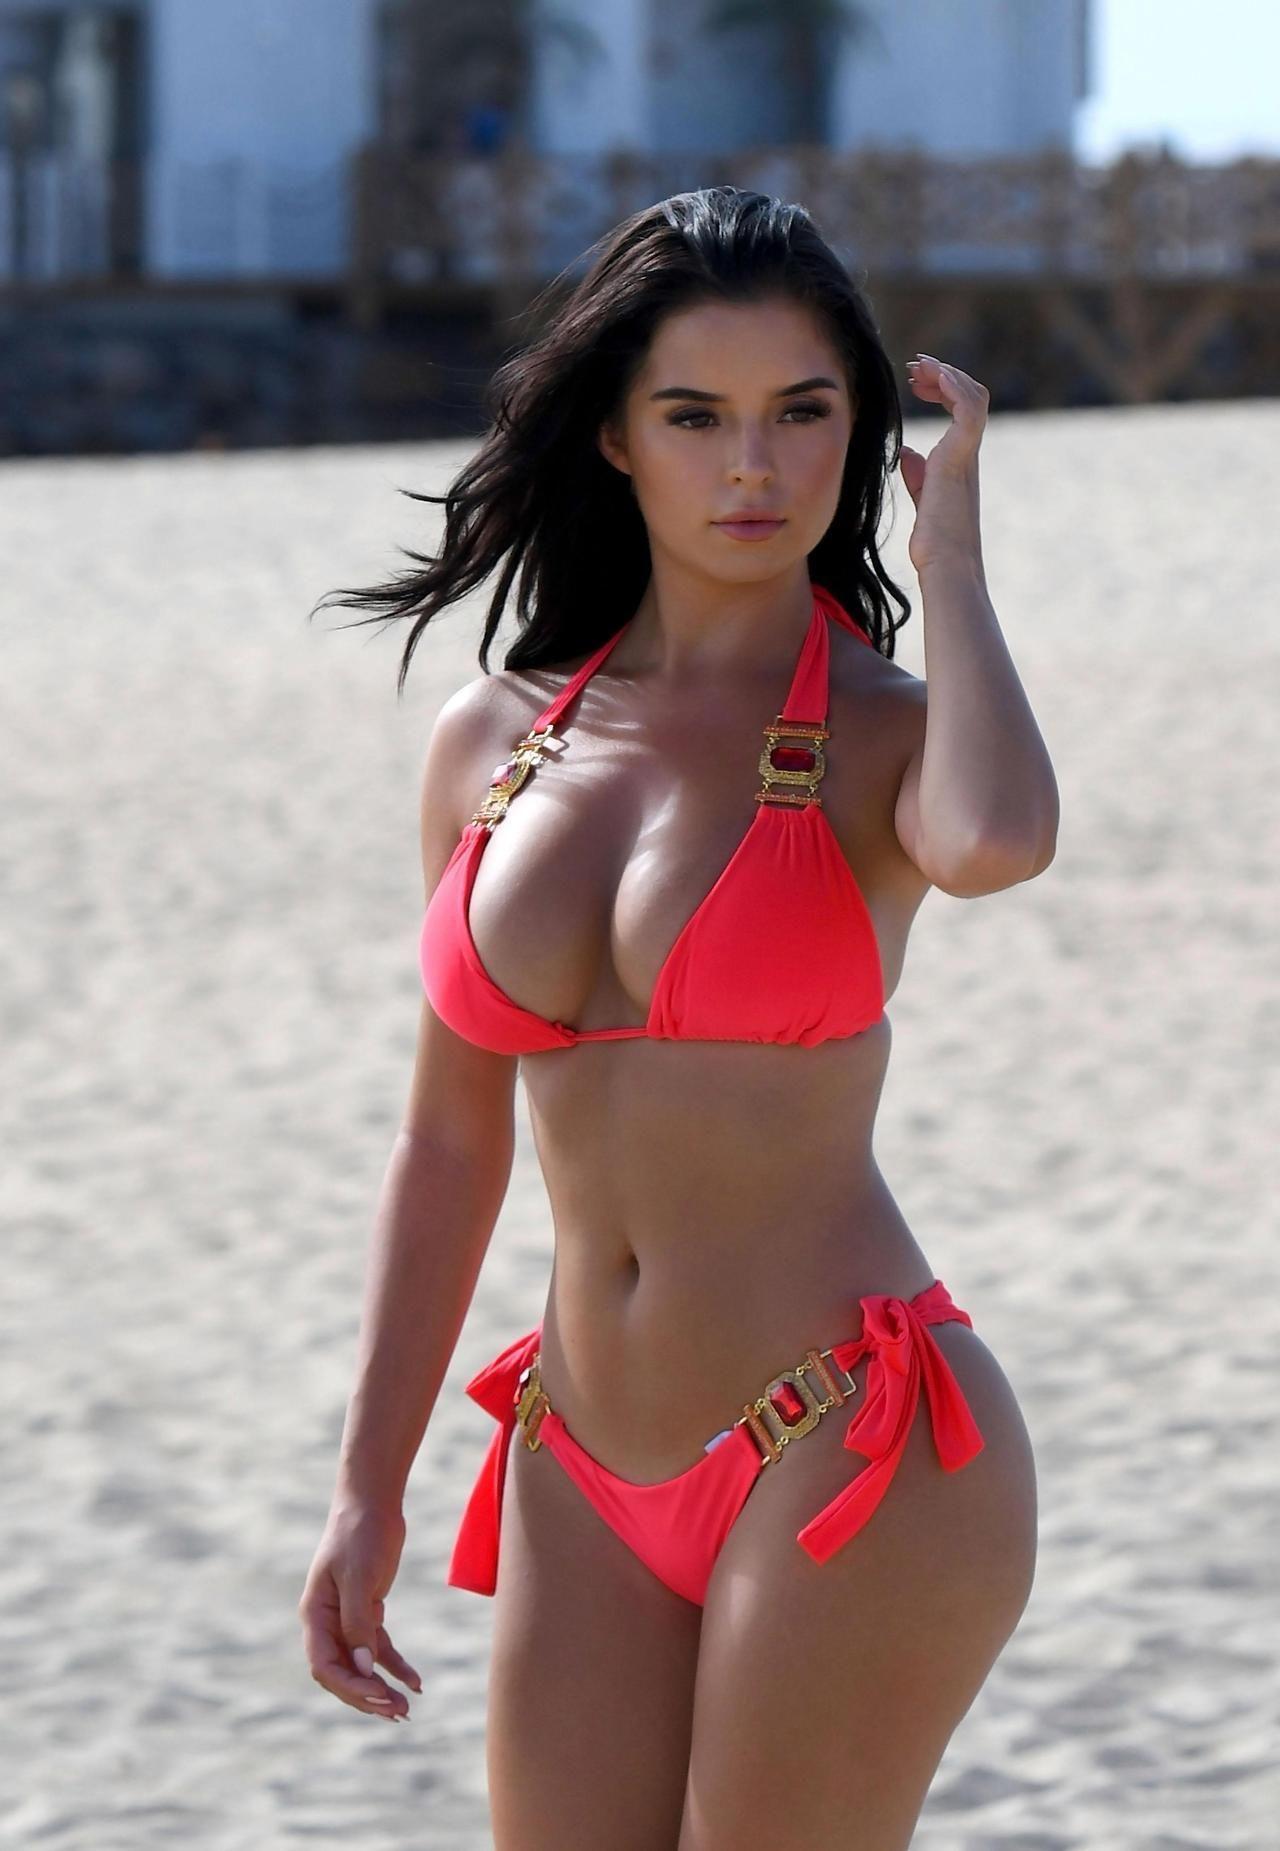 617bd8a219d07 Le Soleil ☀ Sexi Hot Bikini